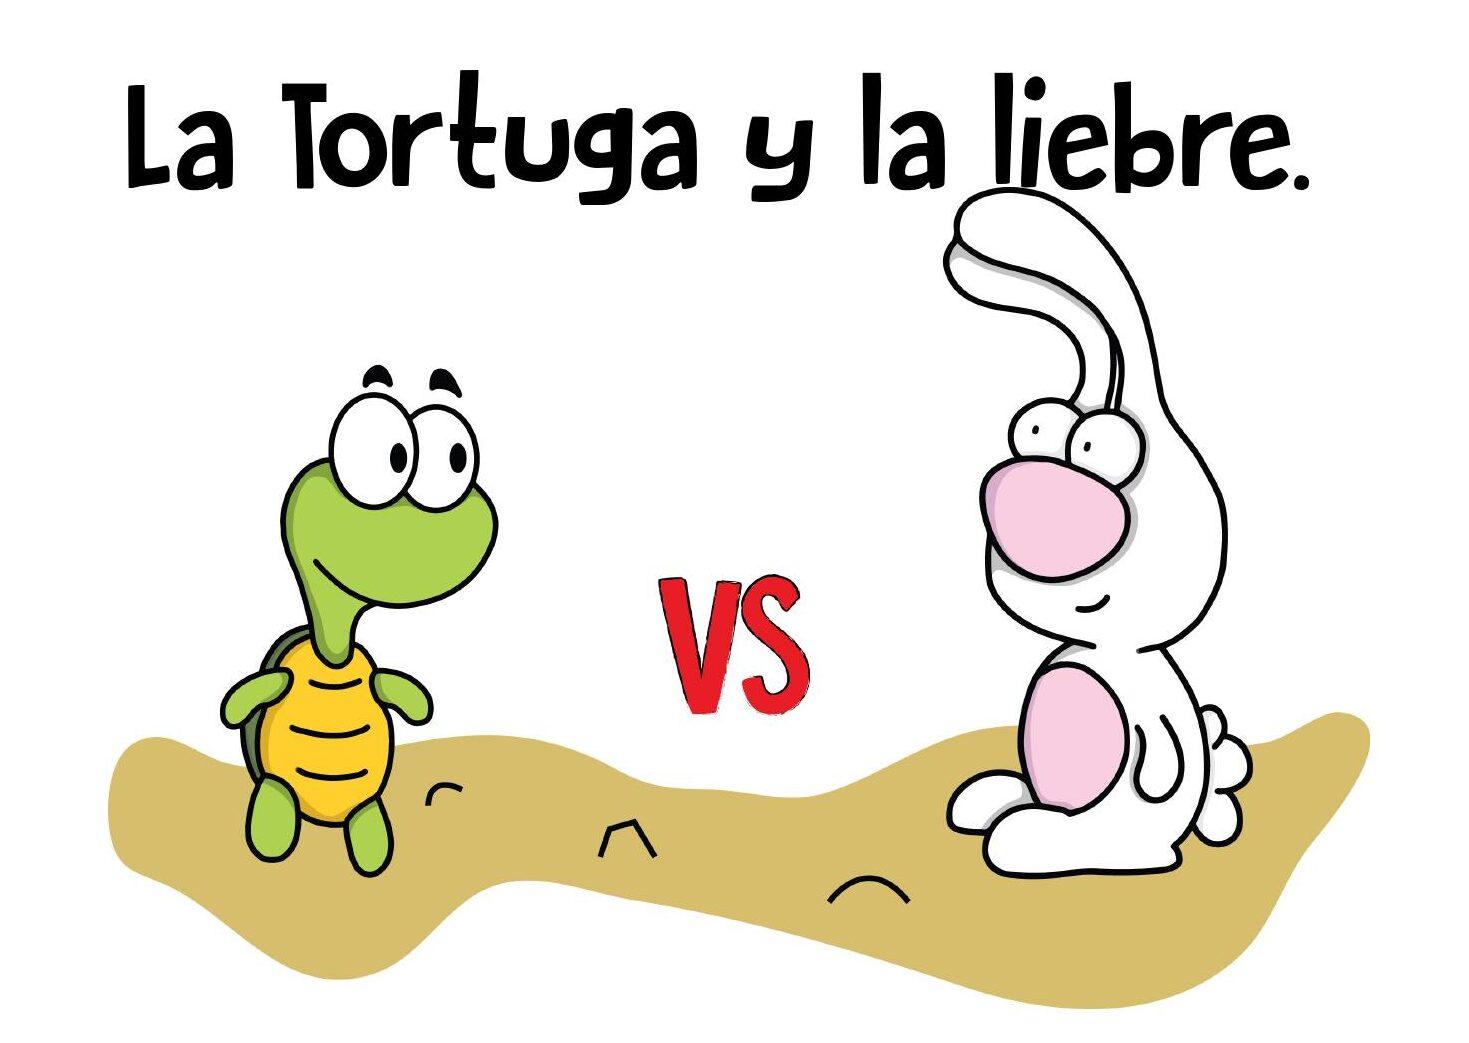 la tortuga y la liebre